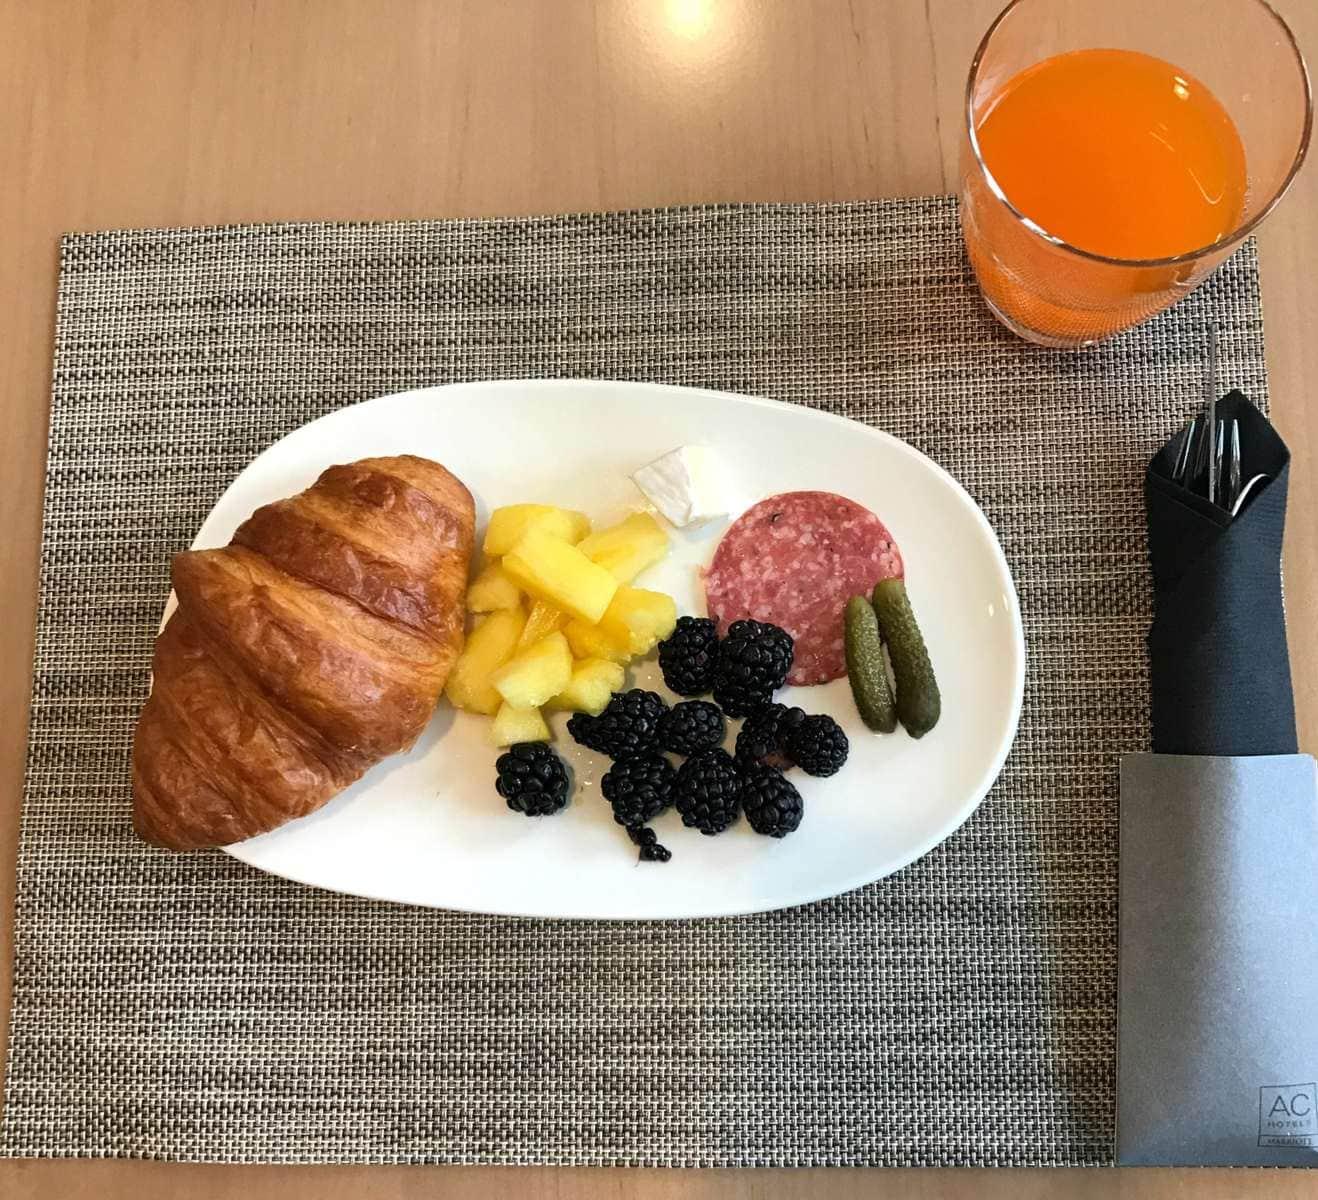 AC Hotel Breakfast